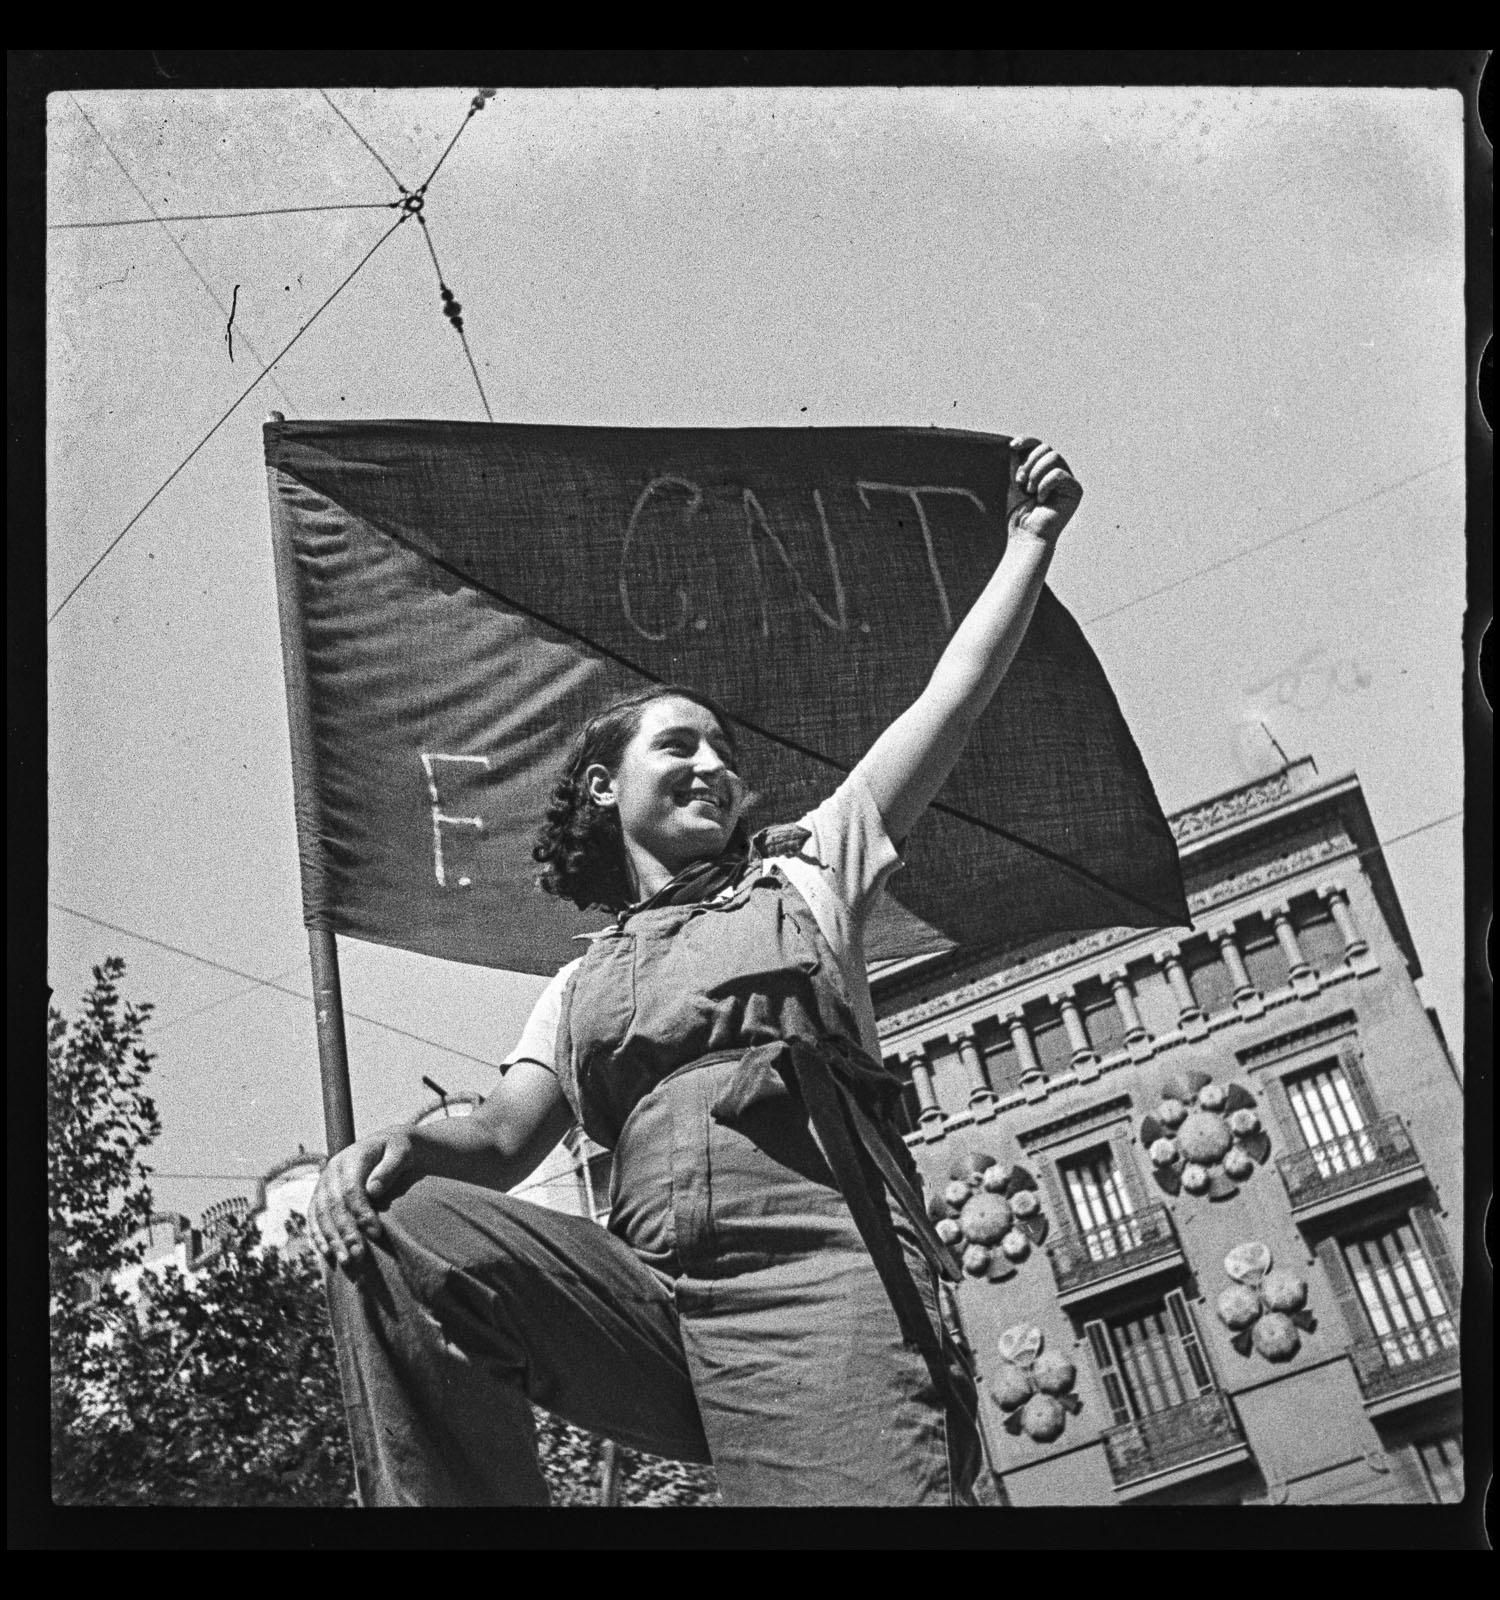 Antoni Campañà. Barricada. Carrer Hospital, Barcelona, 25 de juliol de 1936. Arxiu Campañà